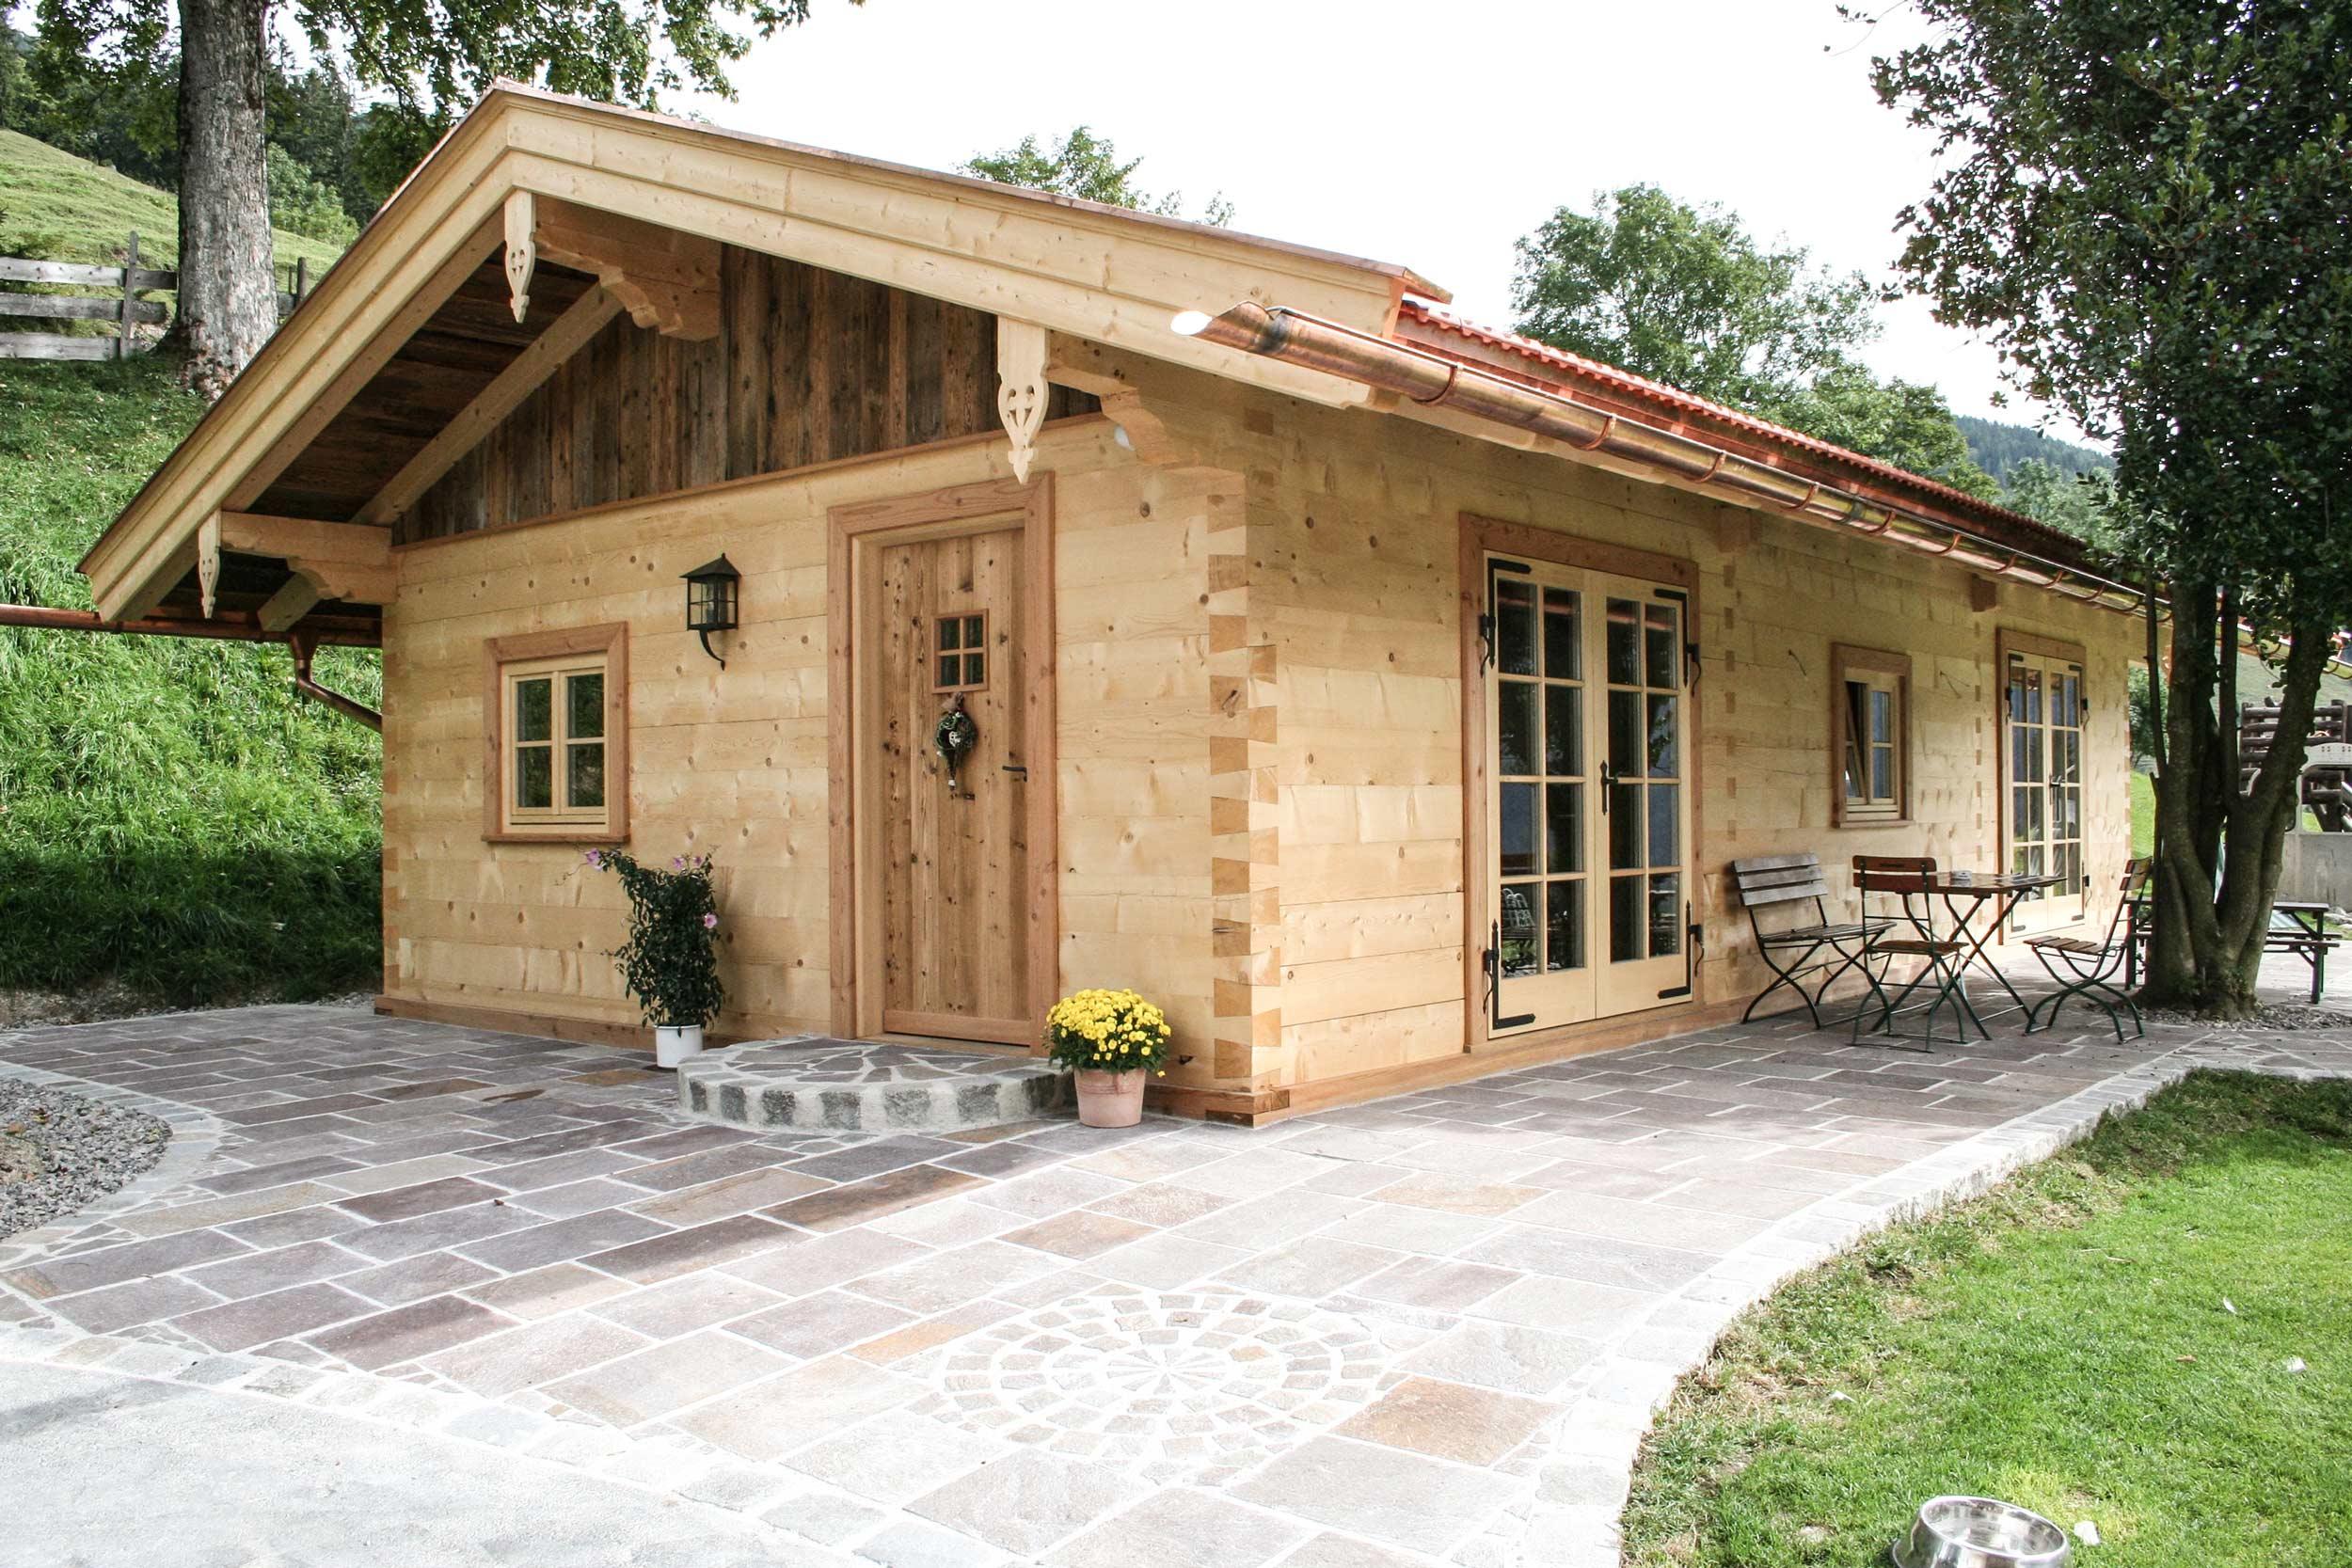 zimmerei-stoib-holzbau-holzhaus-cafe-siglhof-bayrischzell-blockhaus-fichte-01.jpg